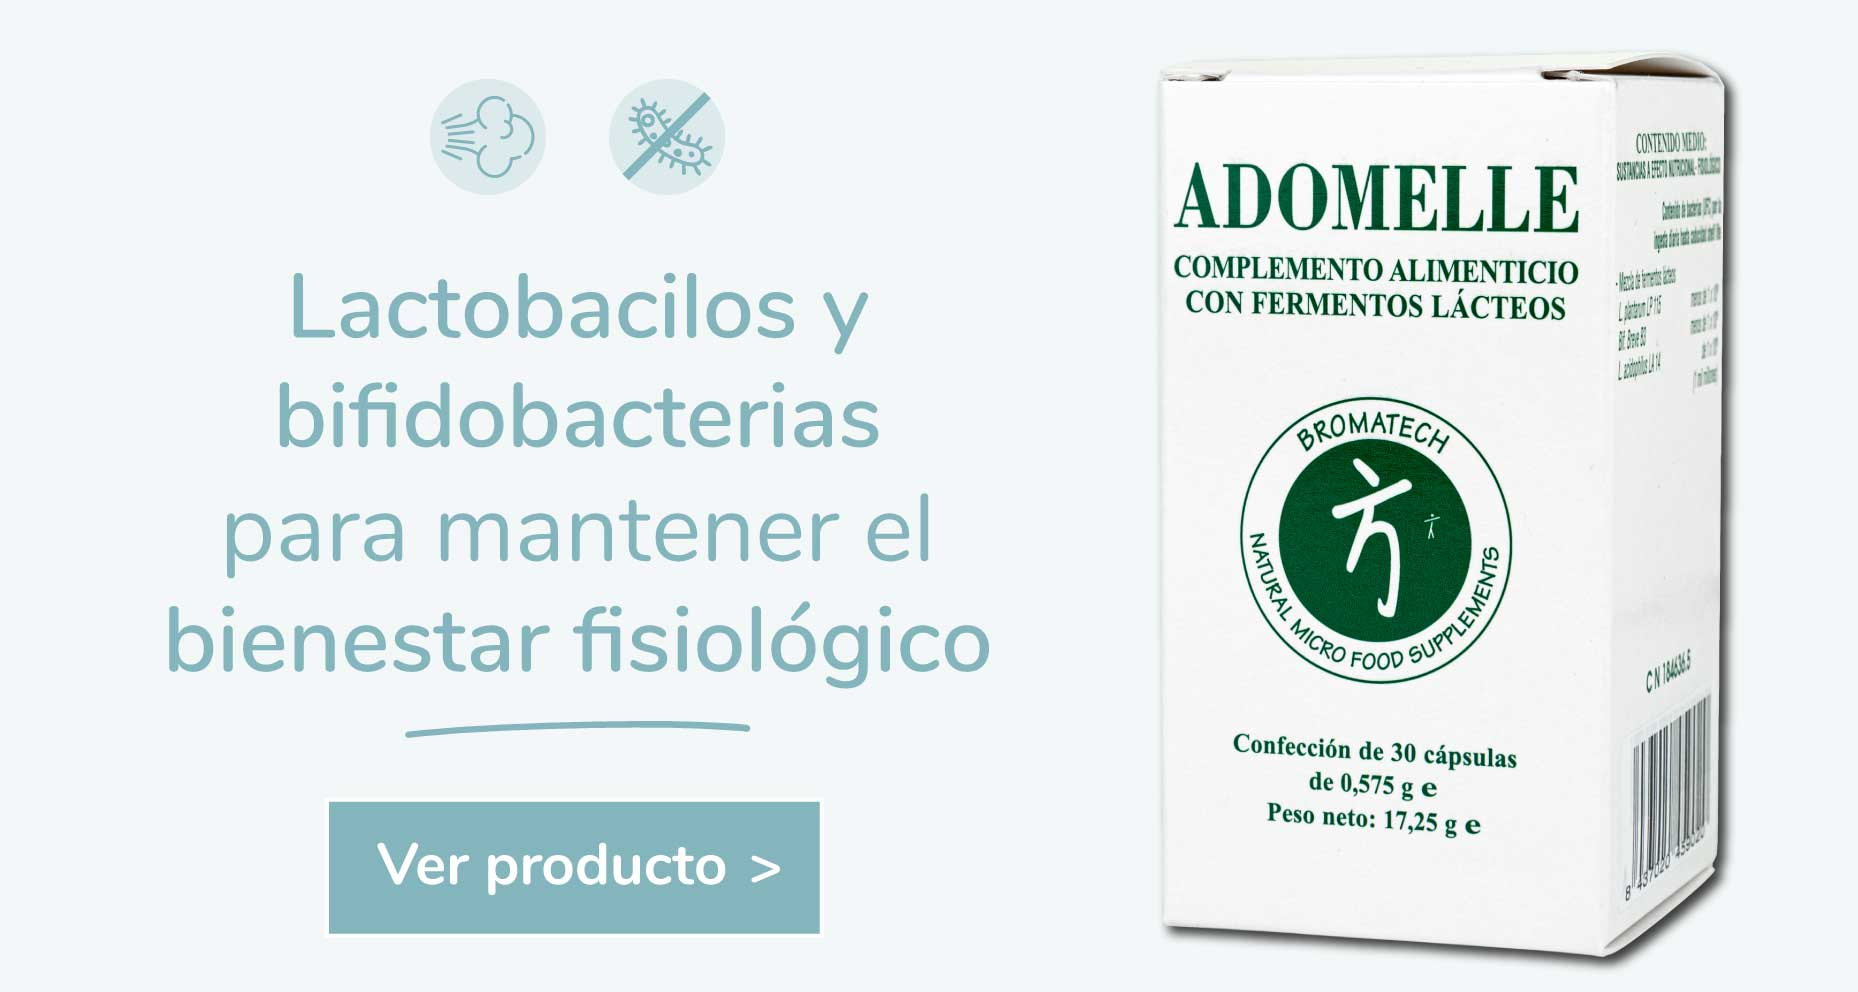 Probióticos derivación humana adomelle obesidad infantil microbiota sibo